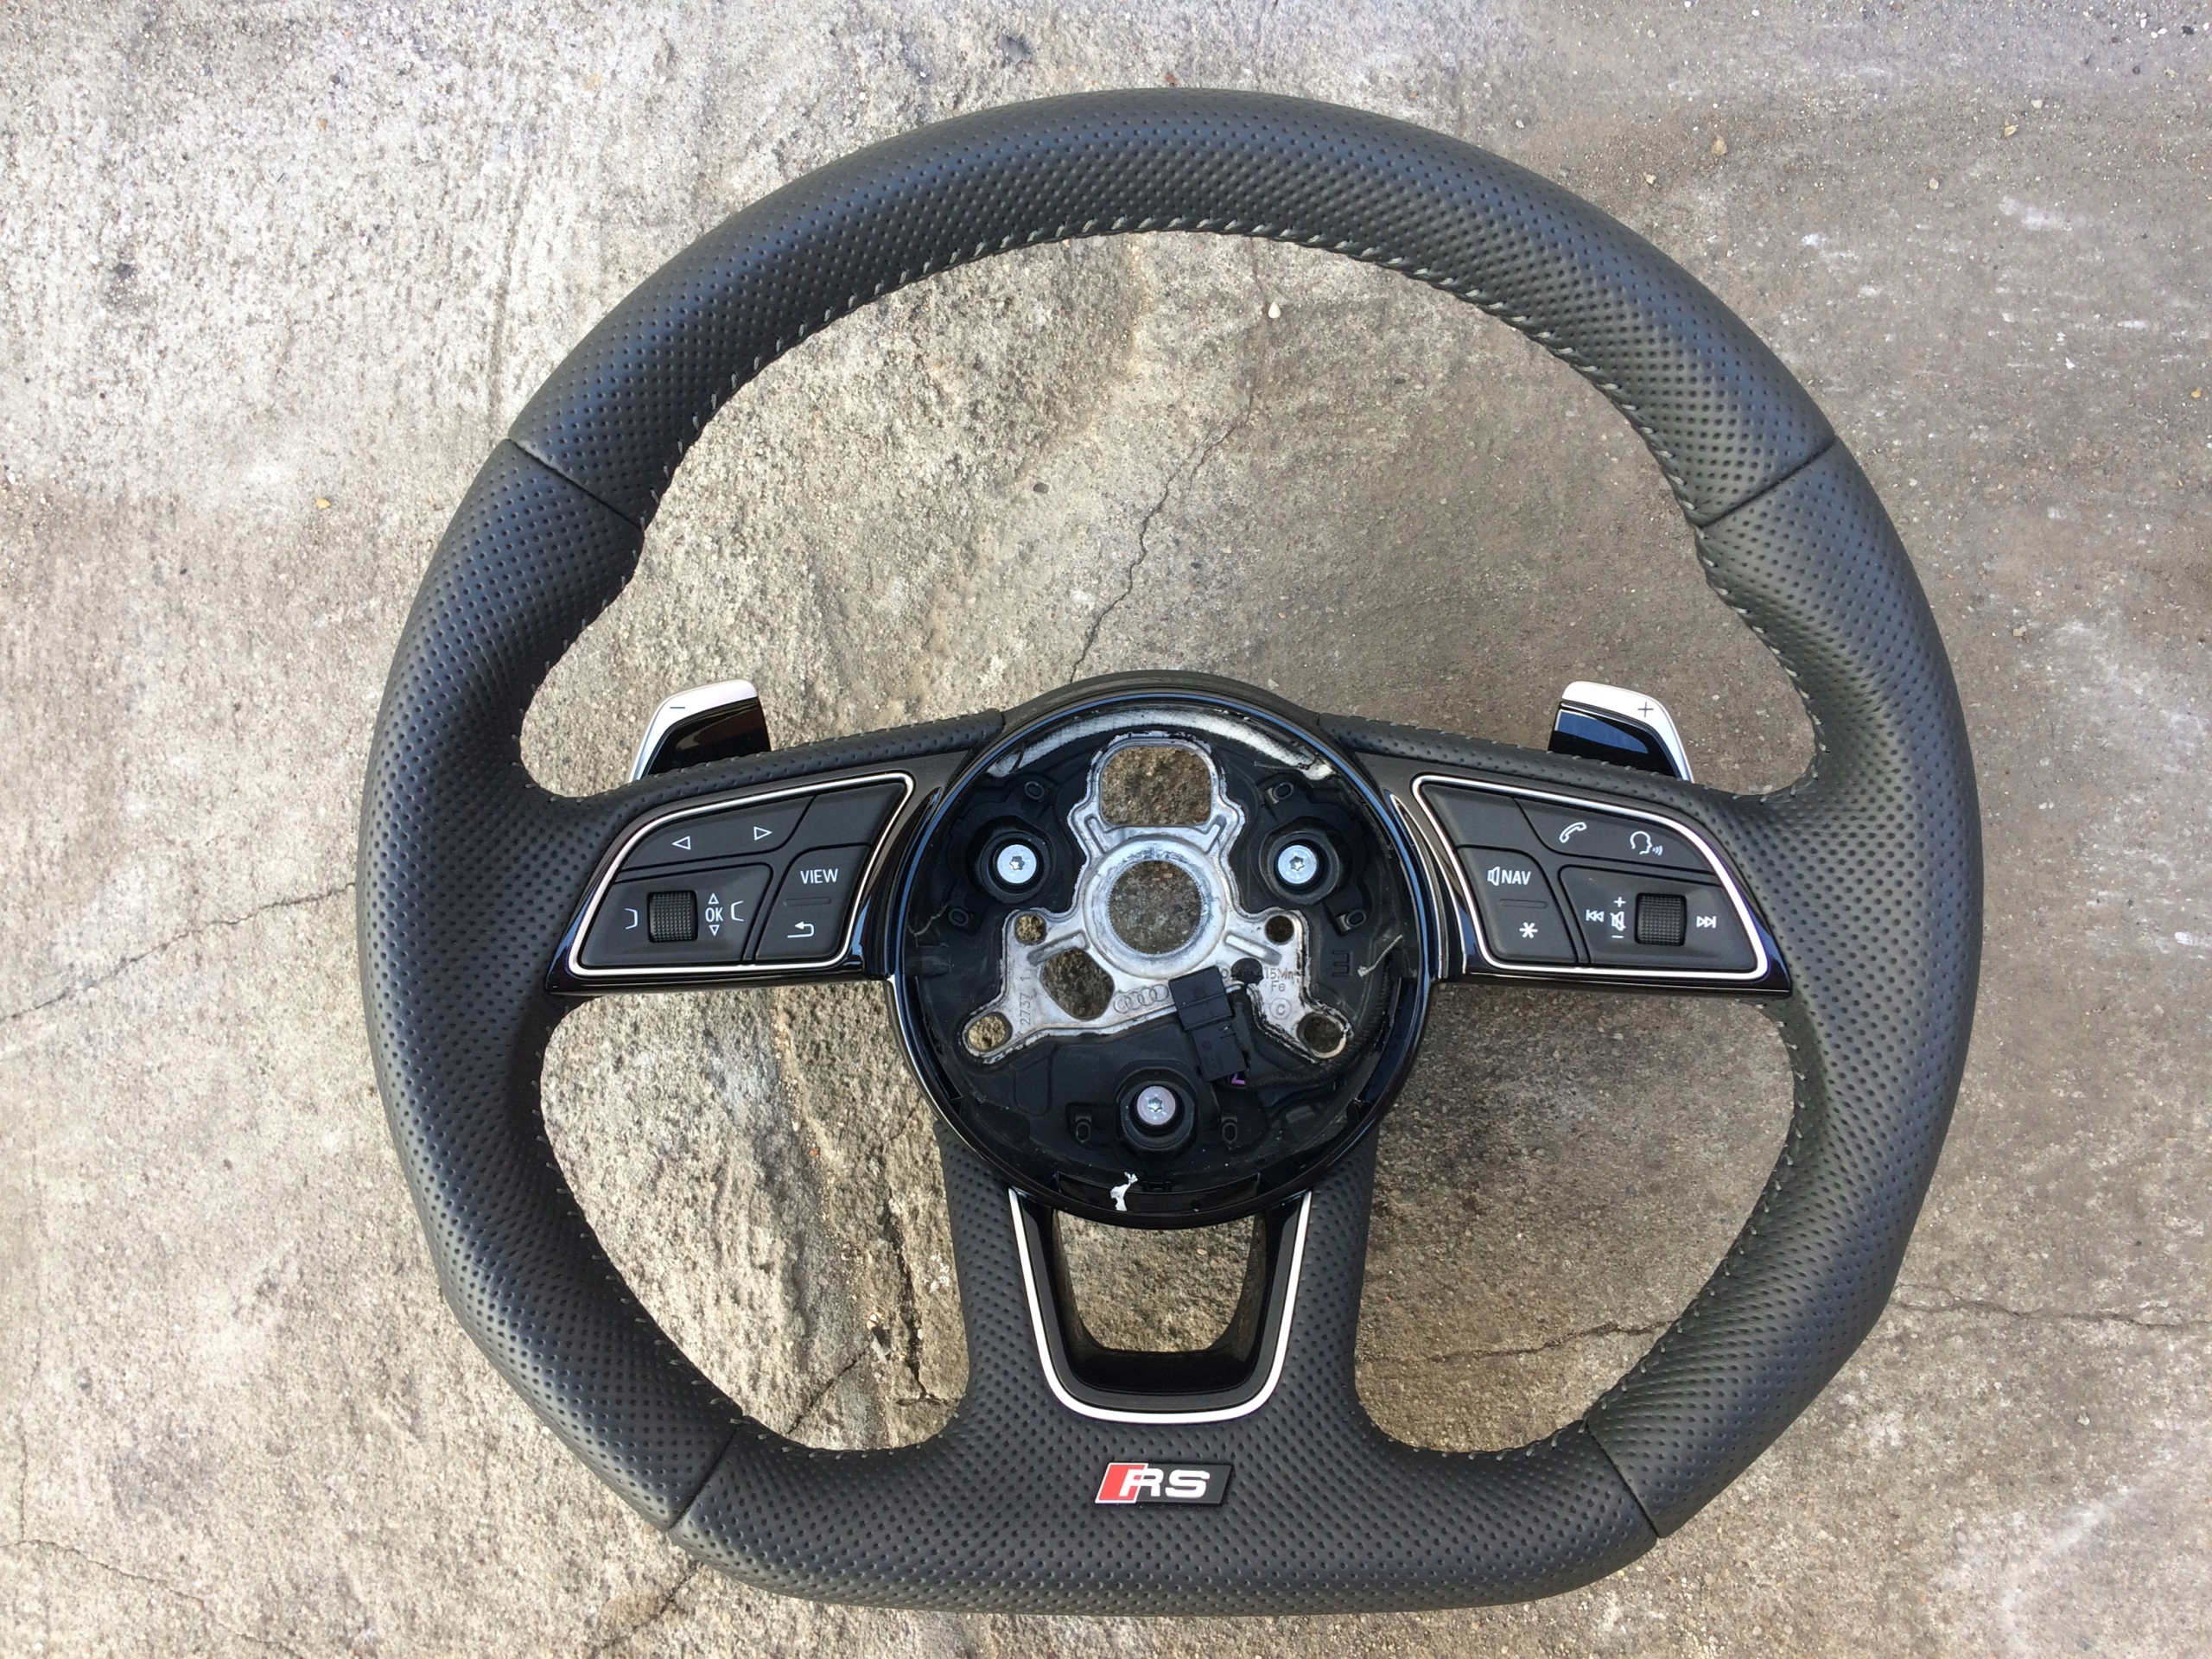 KIEROWNICA AUDI RS F1 8W F5 ORG JAK NOWA